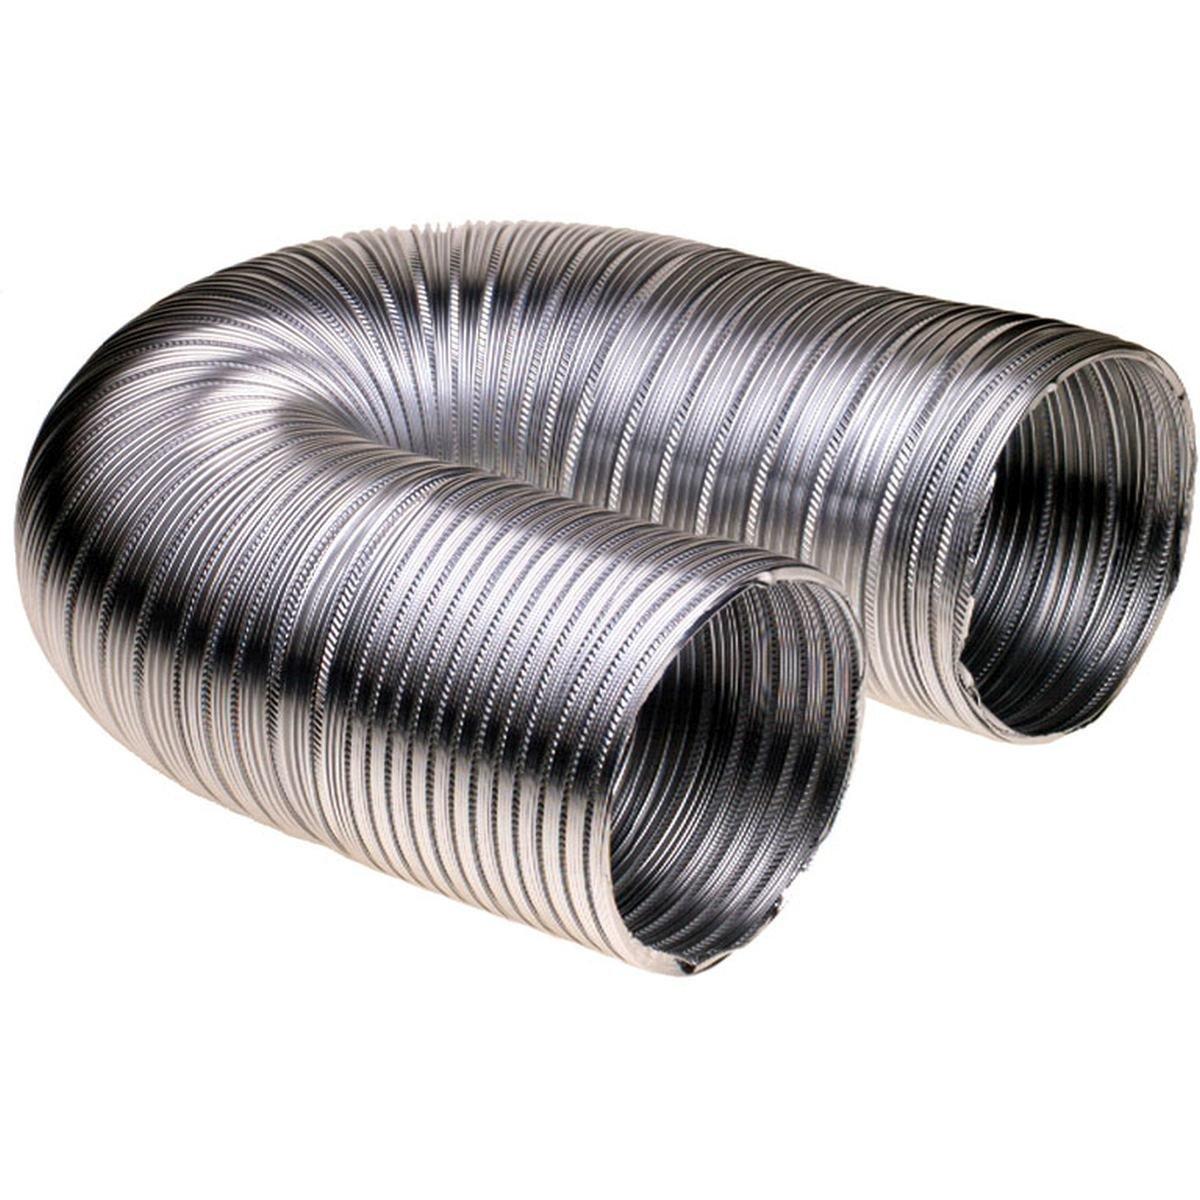 Aftræksslange i aluminium Ø100 mm. 3,0 meter